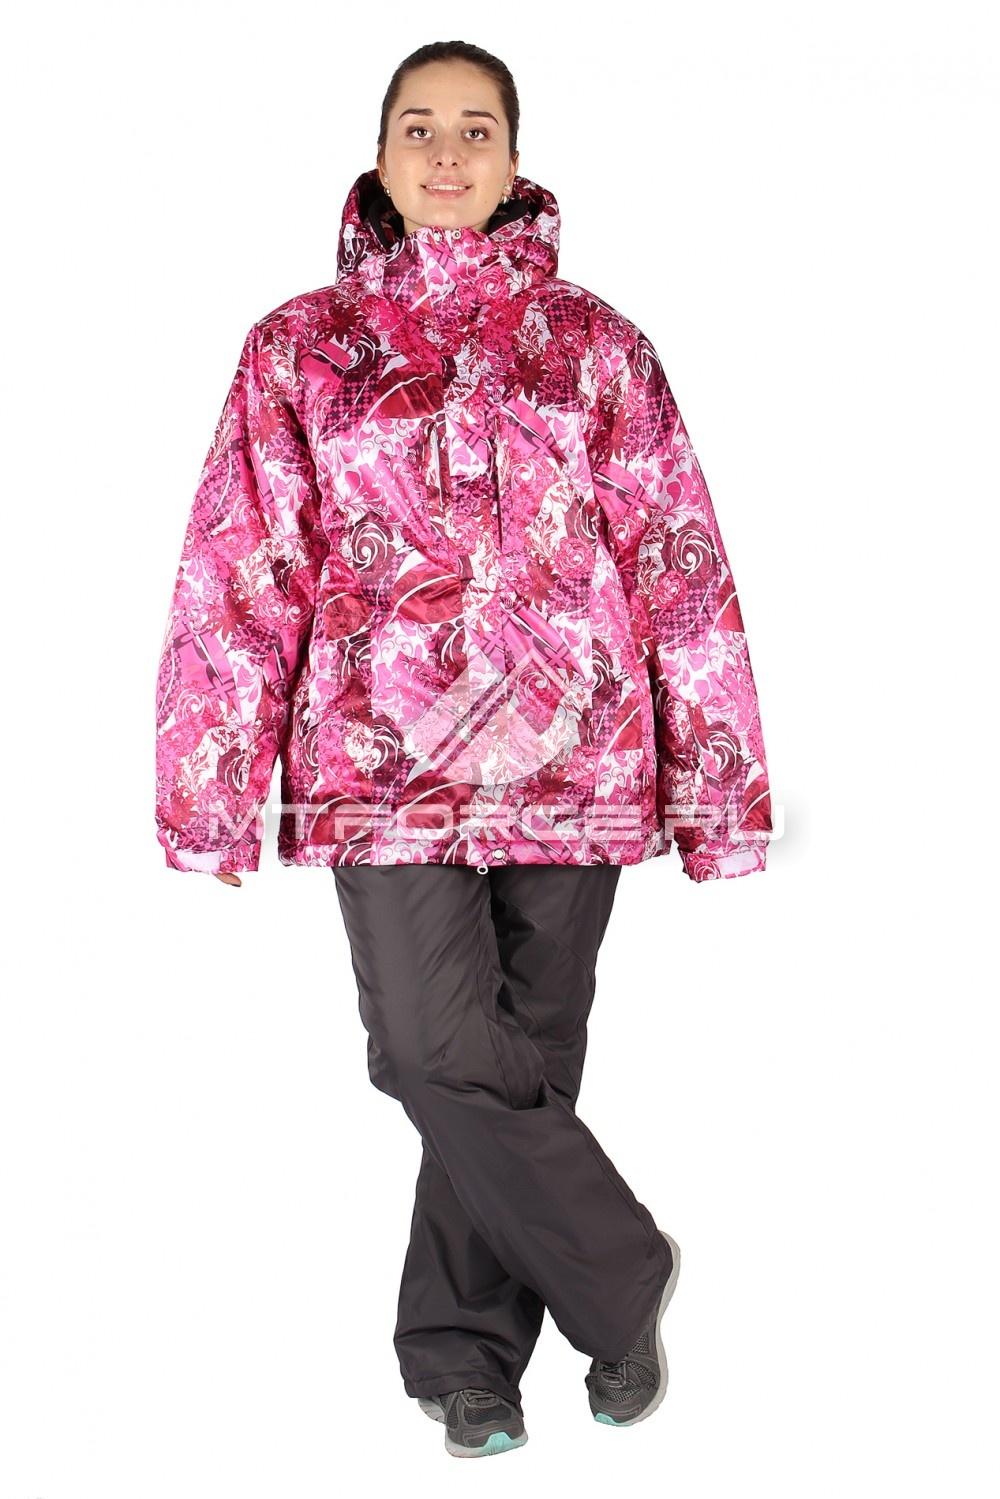 Купить                                  оптом Костюм горнолыжный женский большого размера розового цвета 014114R